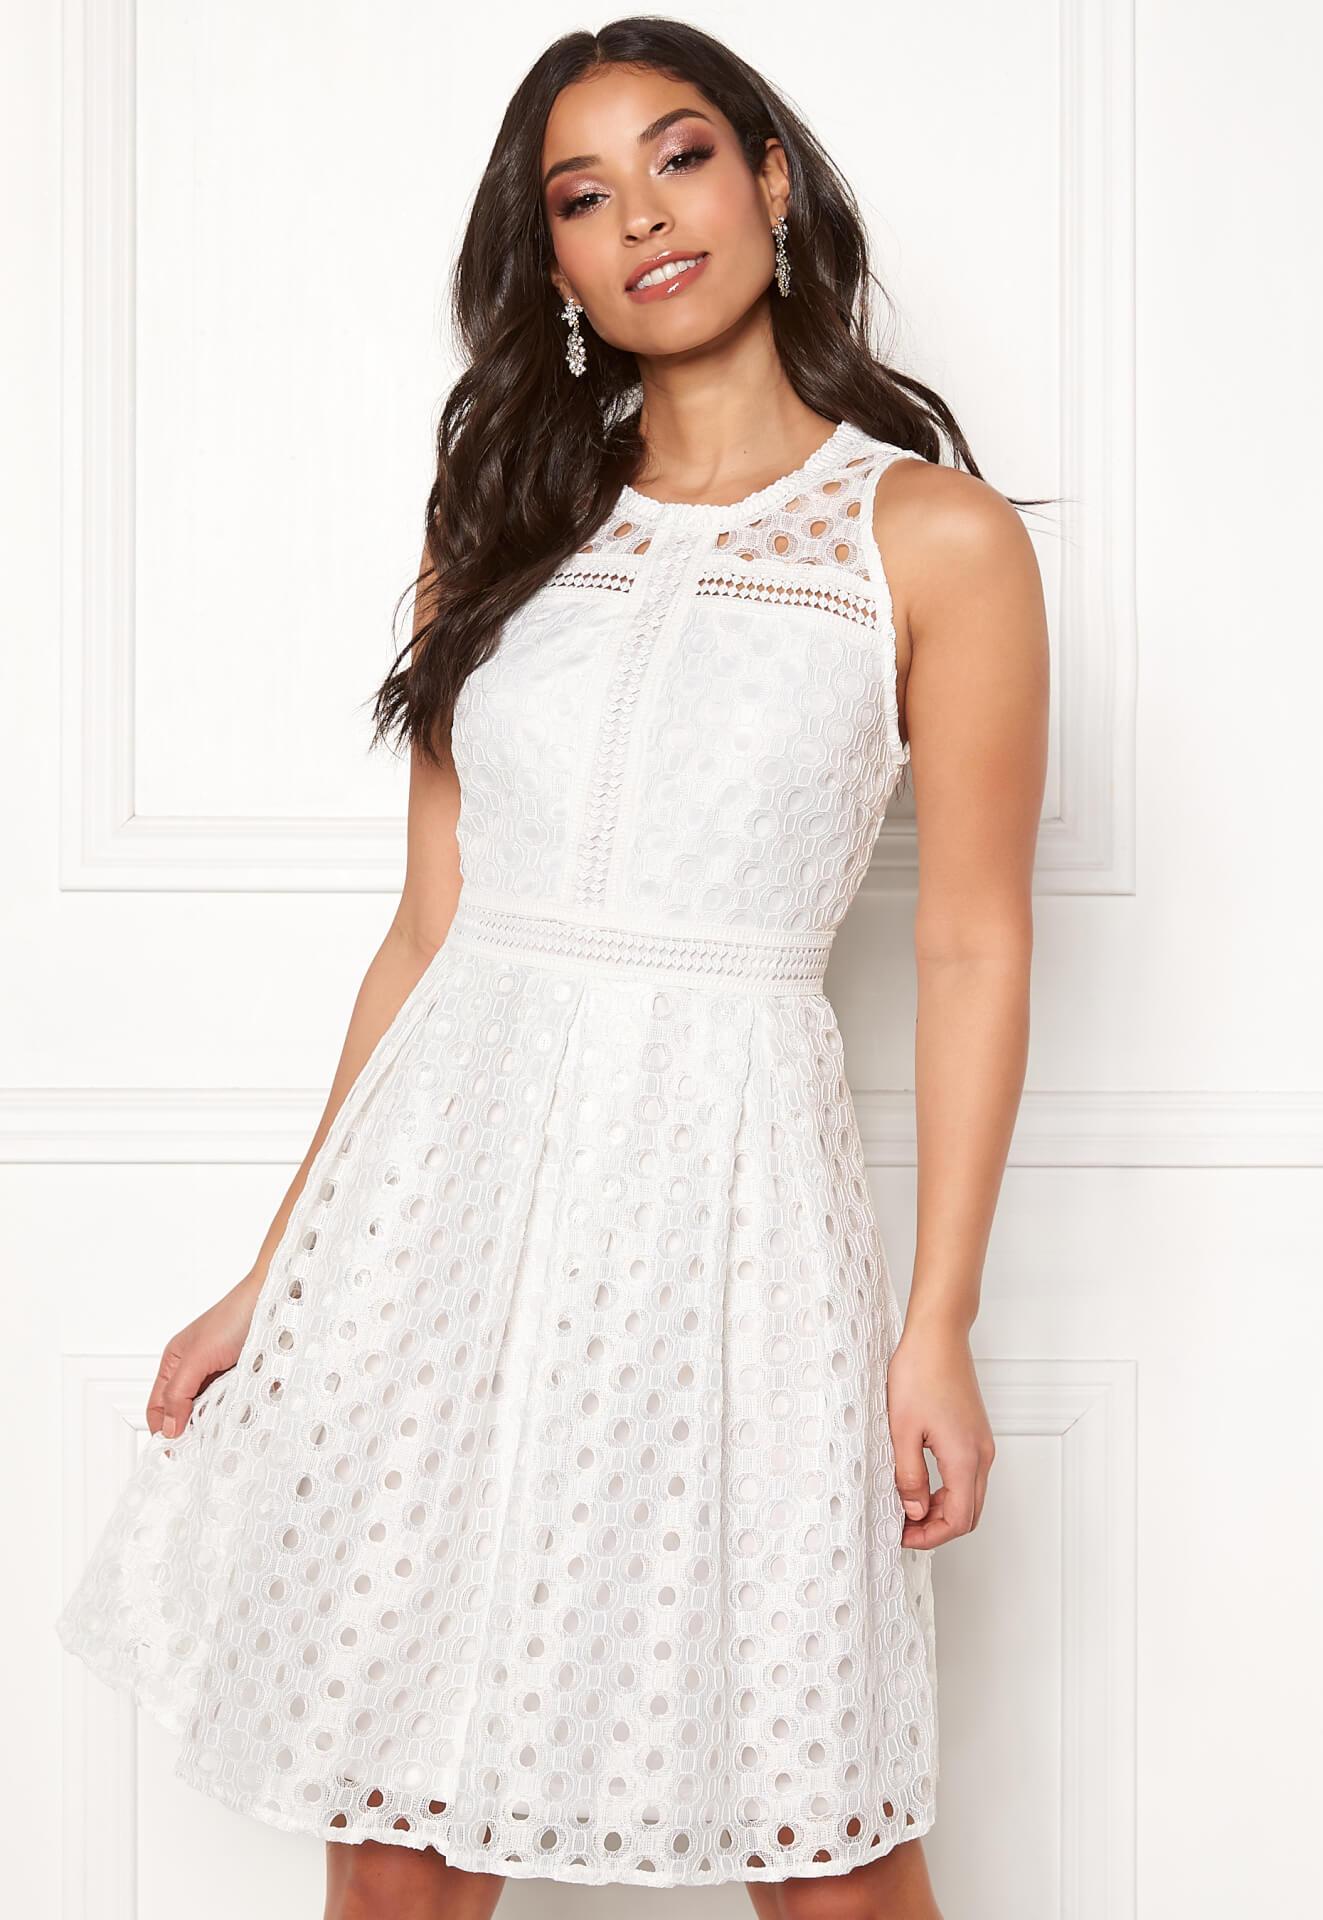 256dad40c439 För en borglig vigsel i stadshuset kanske denna klänning i kortare modell  med virkade detaljer kan vara något!? Pris 799 sek.